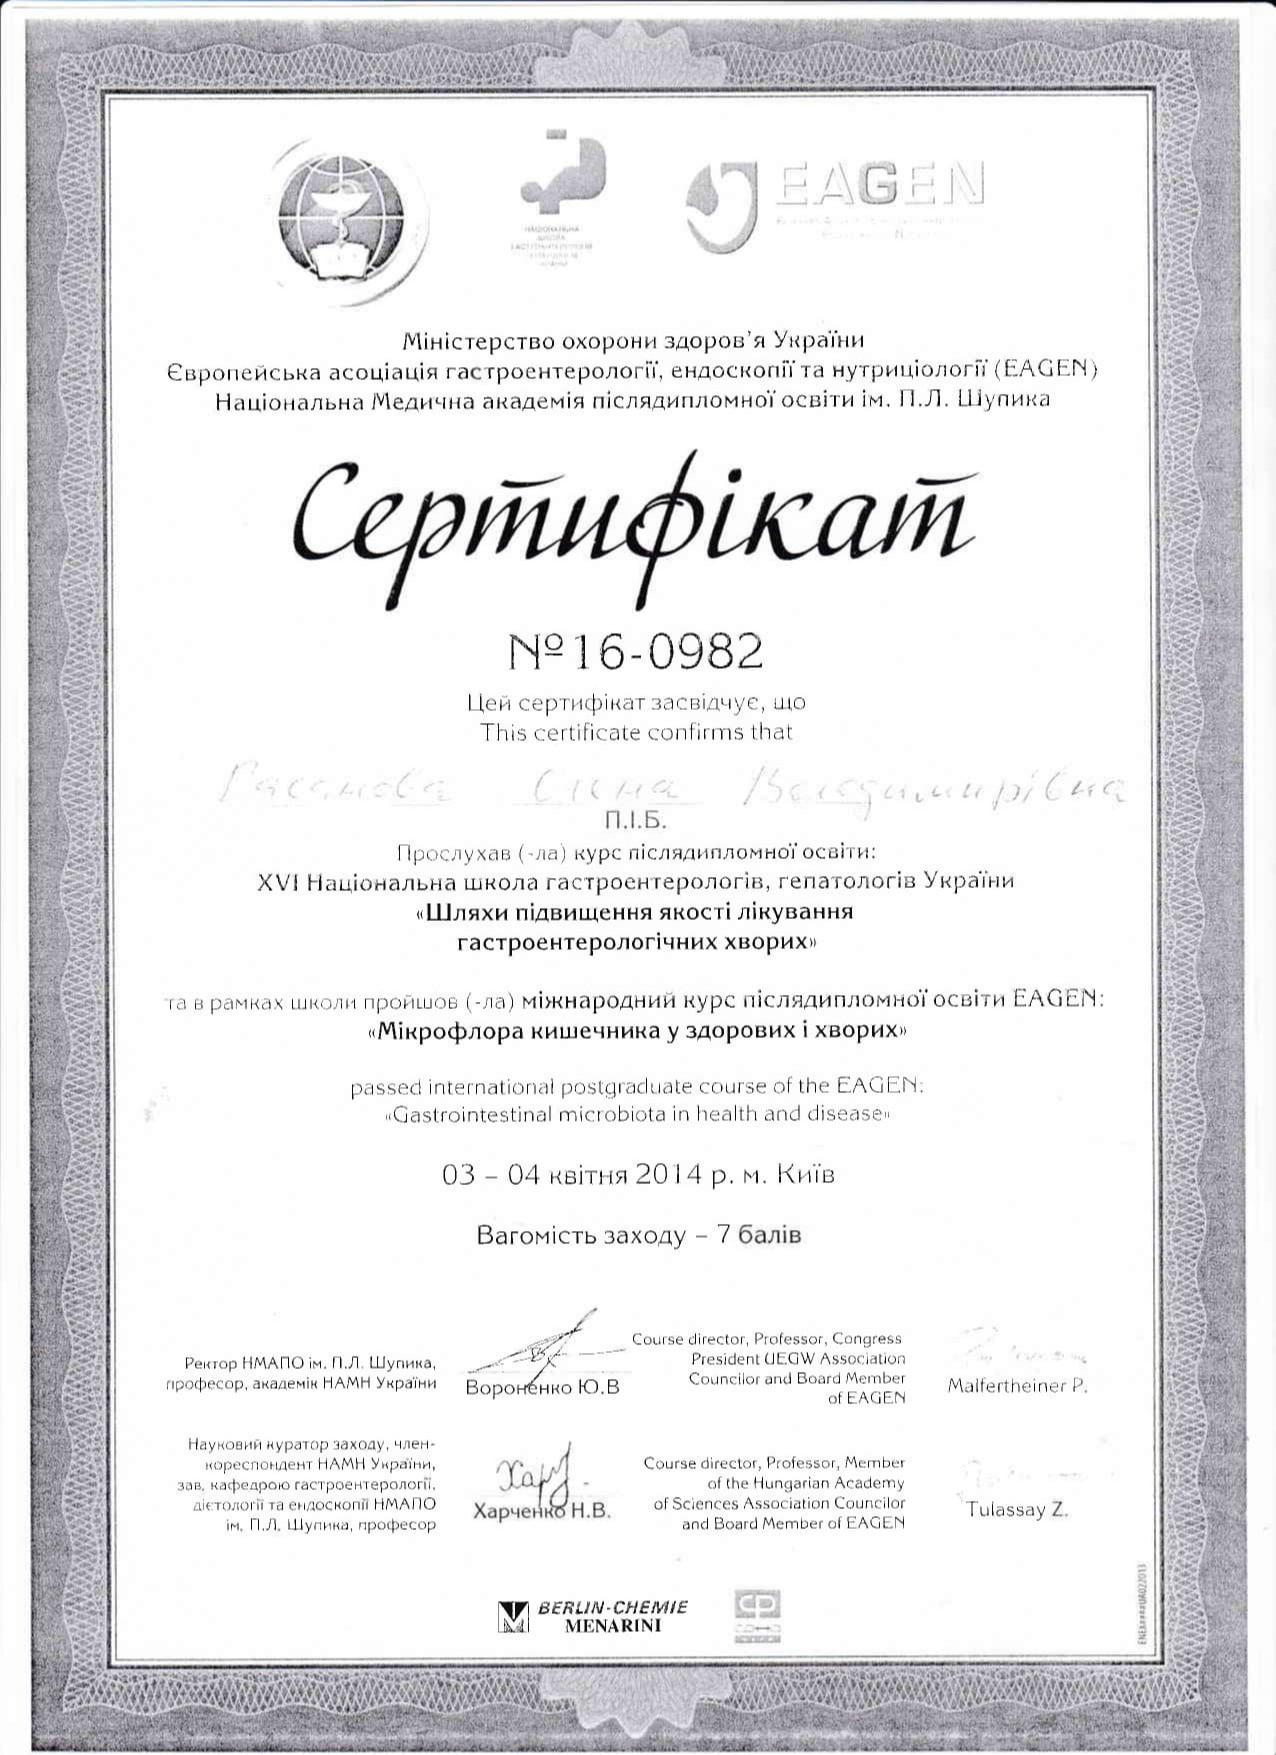 Сертификат о прохождении курса последипломного образования